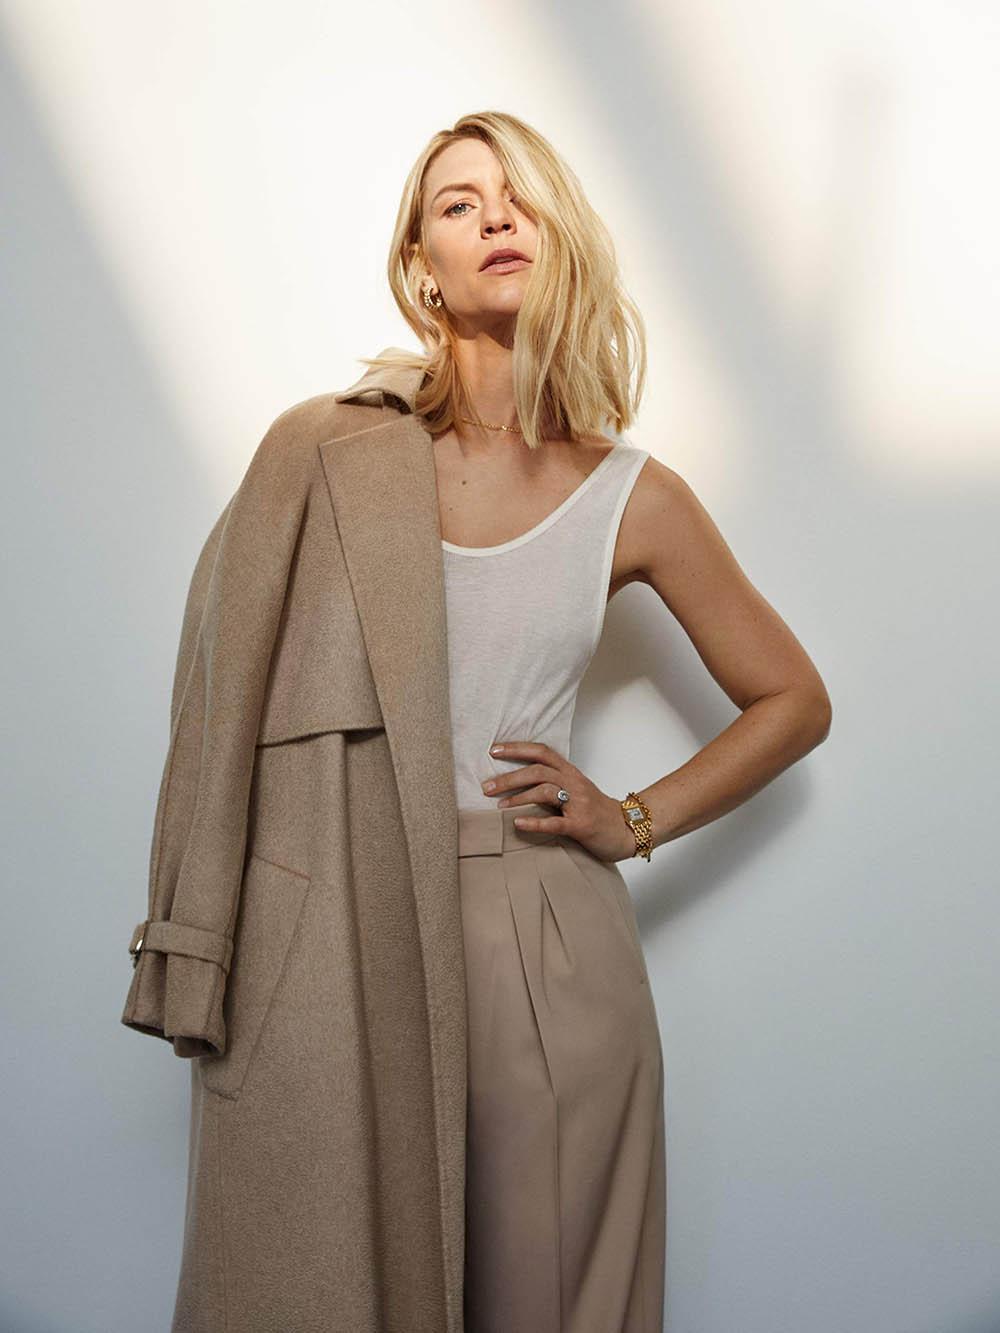 Claire Danes covers Porter Magazine February 3rd, 2020 by Yelena Yemchuk